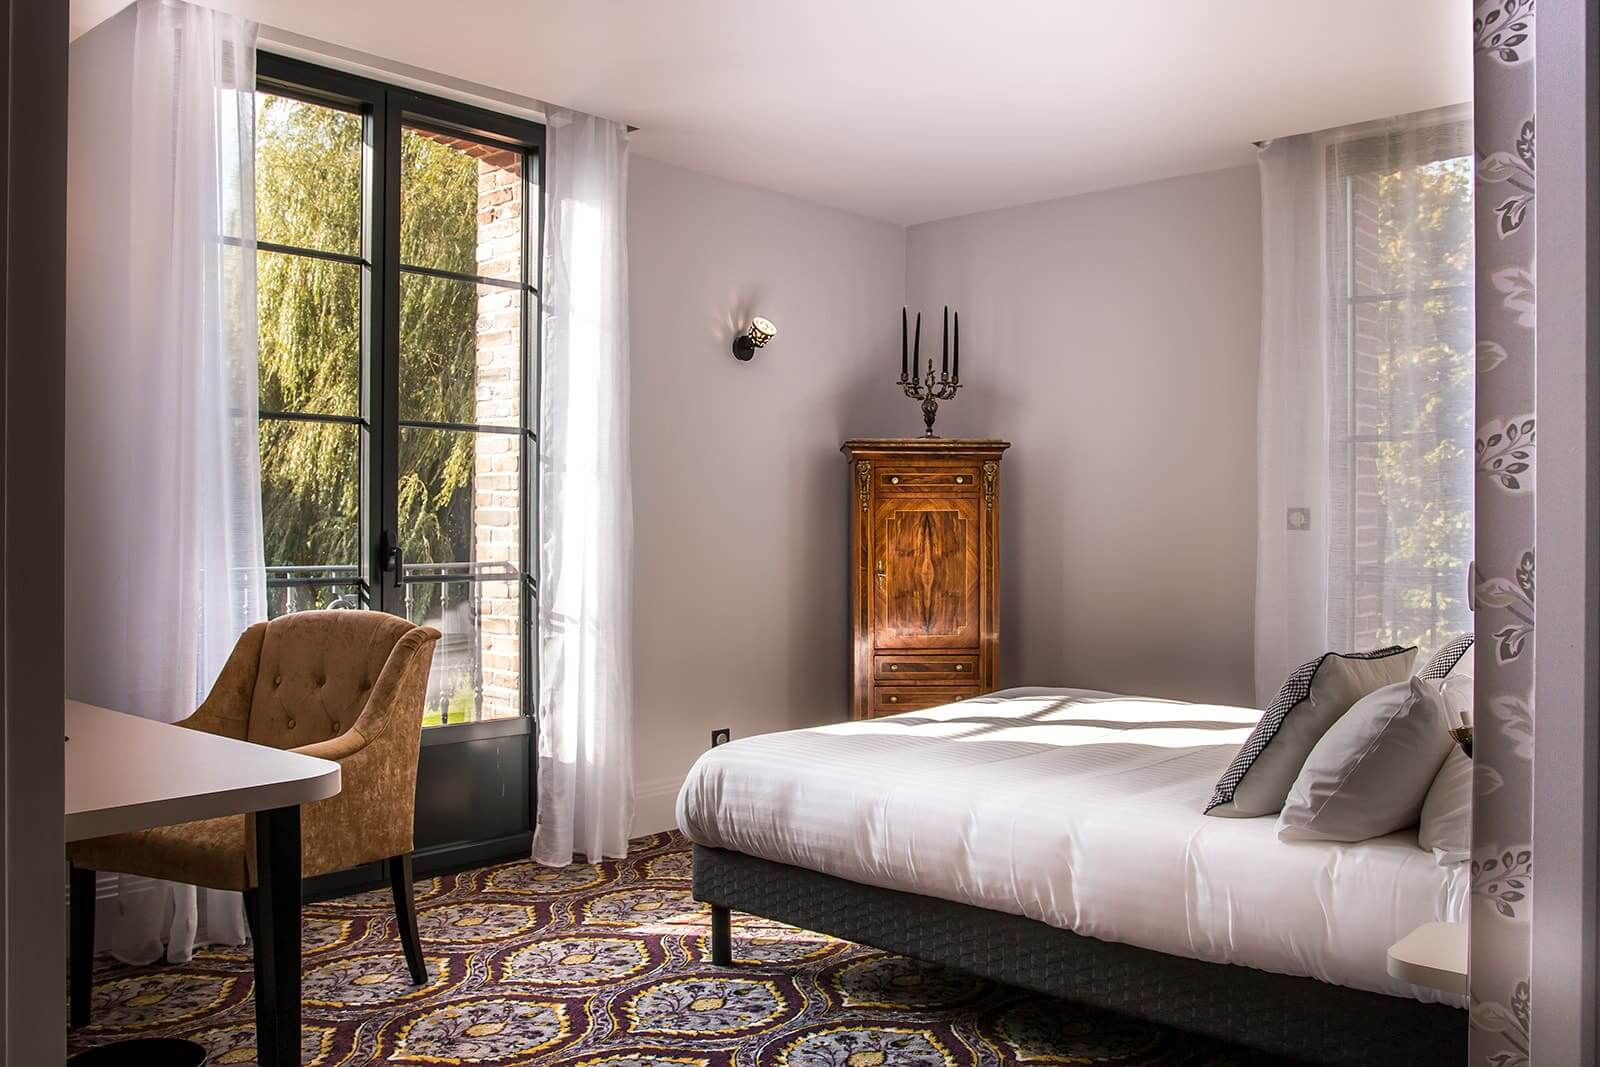 Chambre Chambres Prestiges | Le Manoir de Joséphine - 10